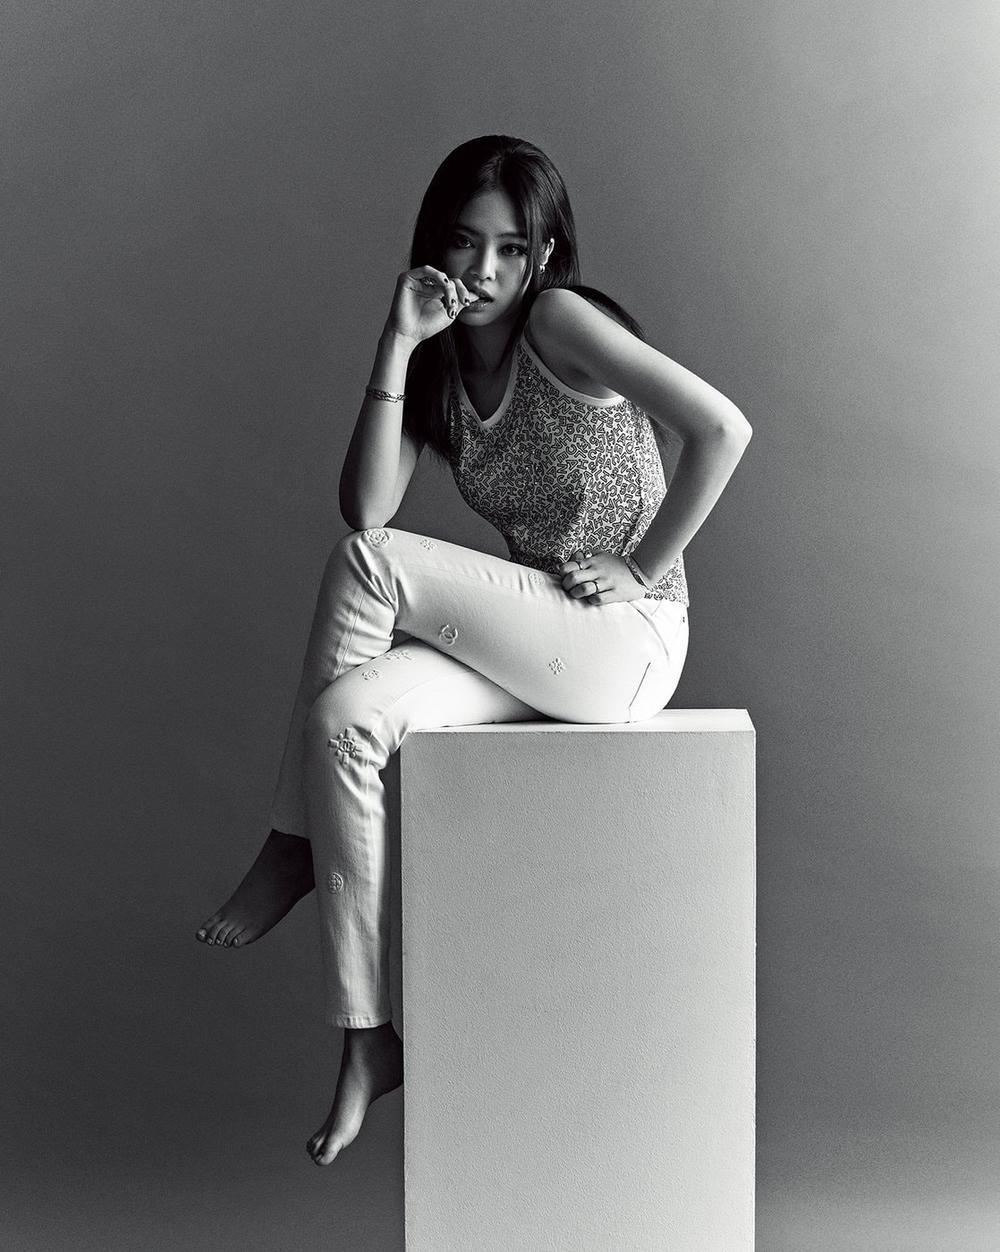 Jennie Black Pink trở thành biên tập viên thời trang trên tạp chí Vogue Korea Ảnh 5